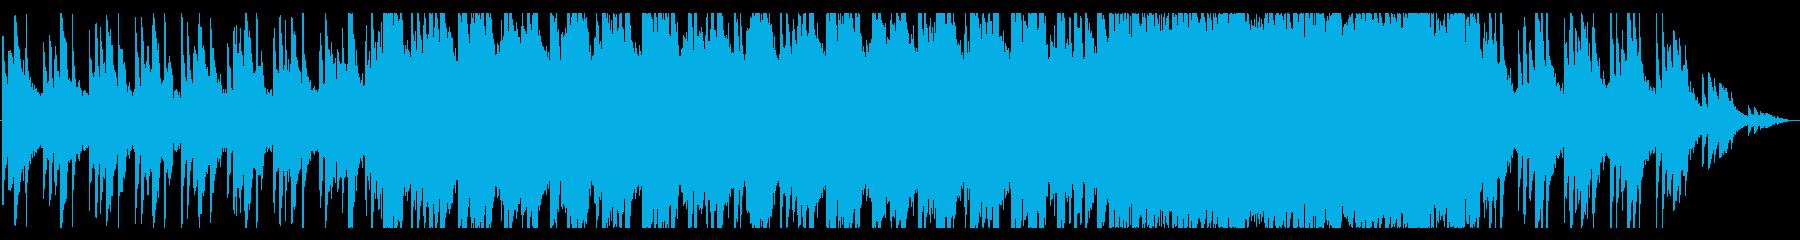 ピアノが主体の幻想的なバラードの再生済みの波形